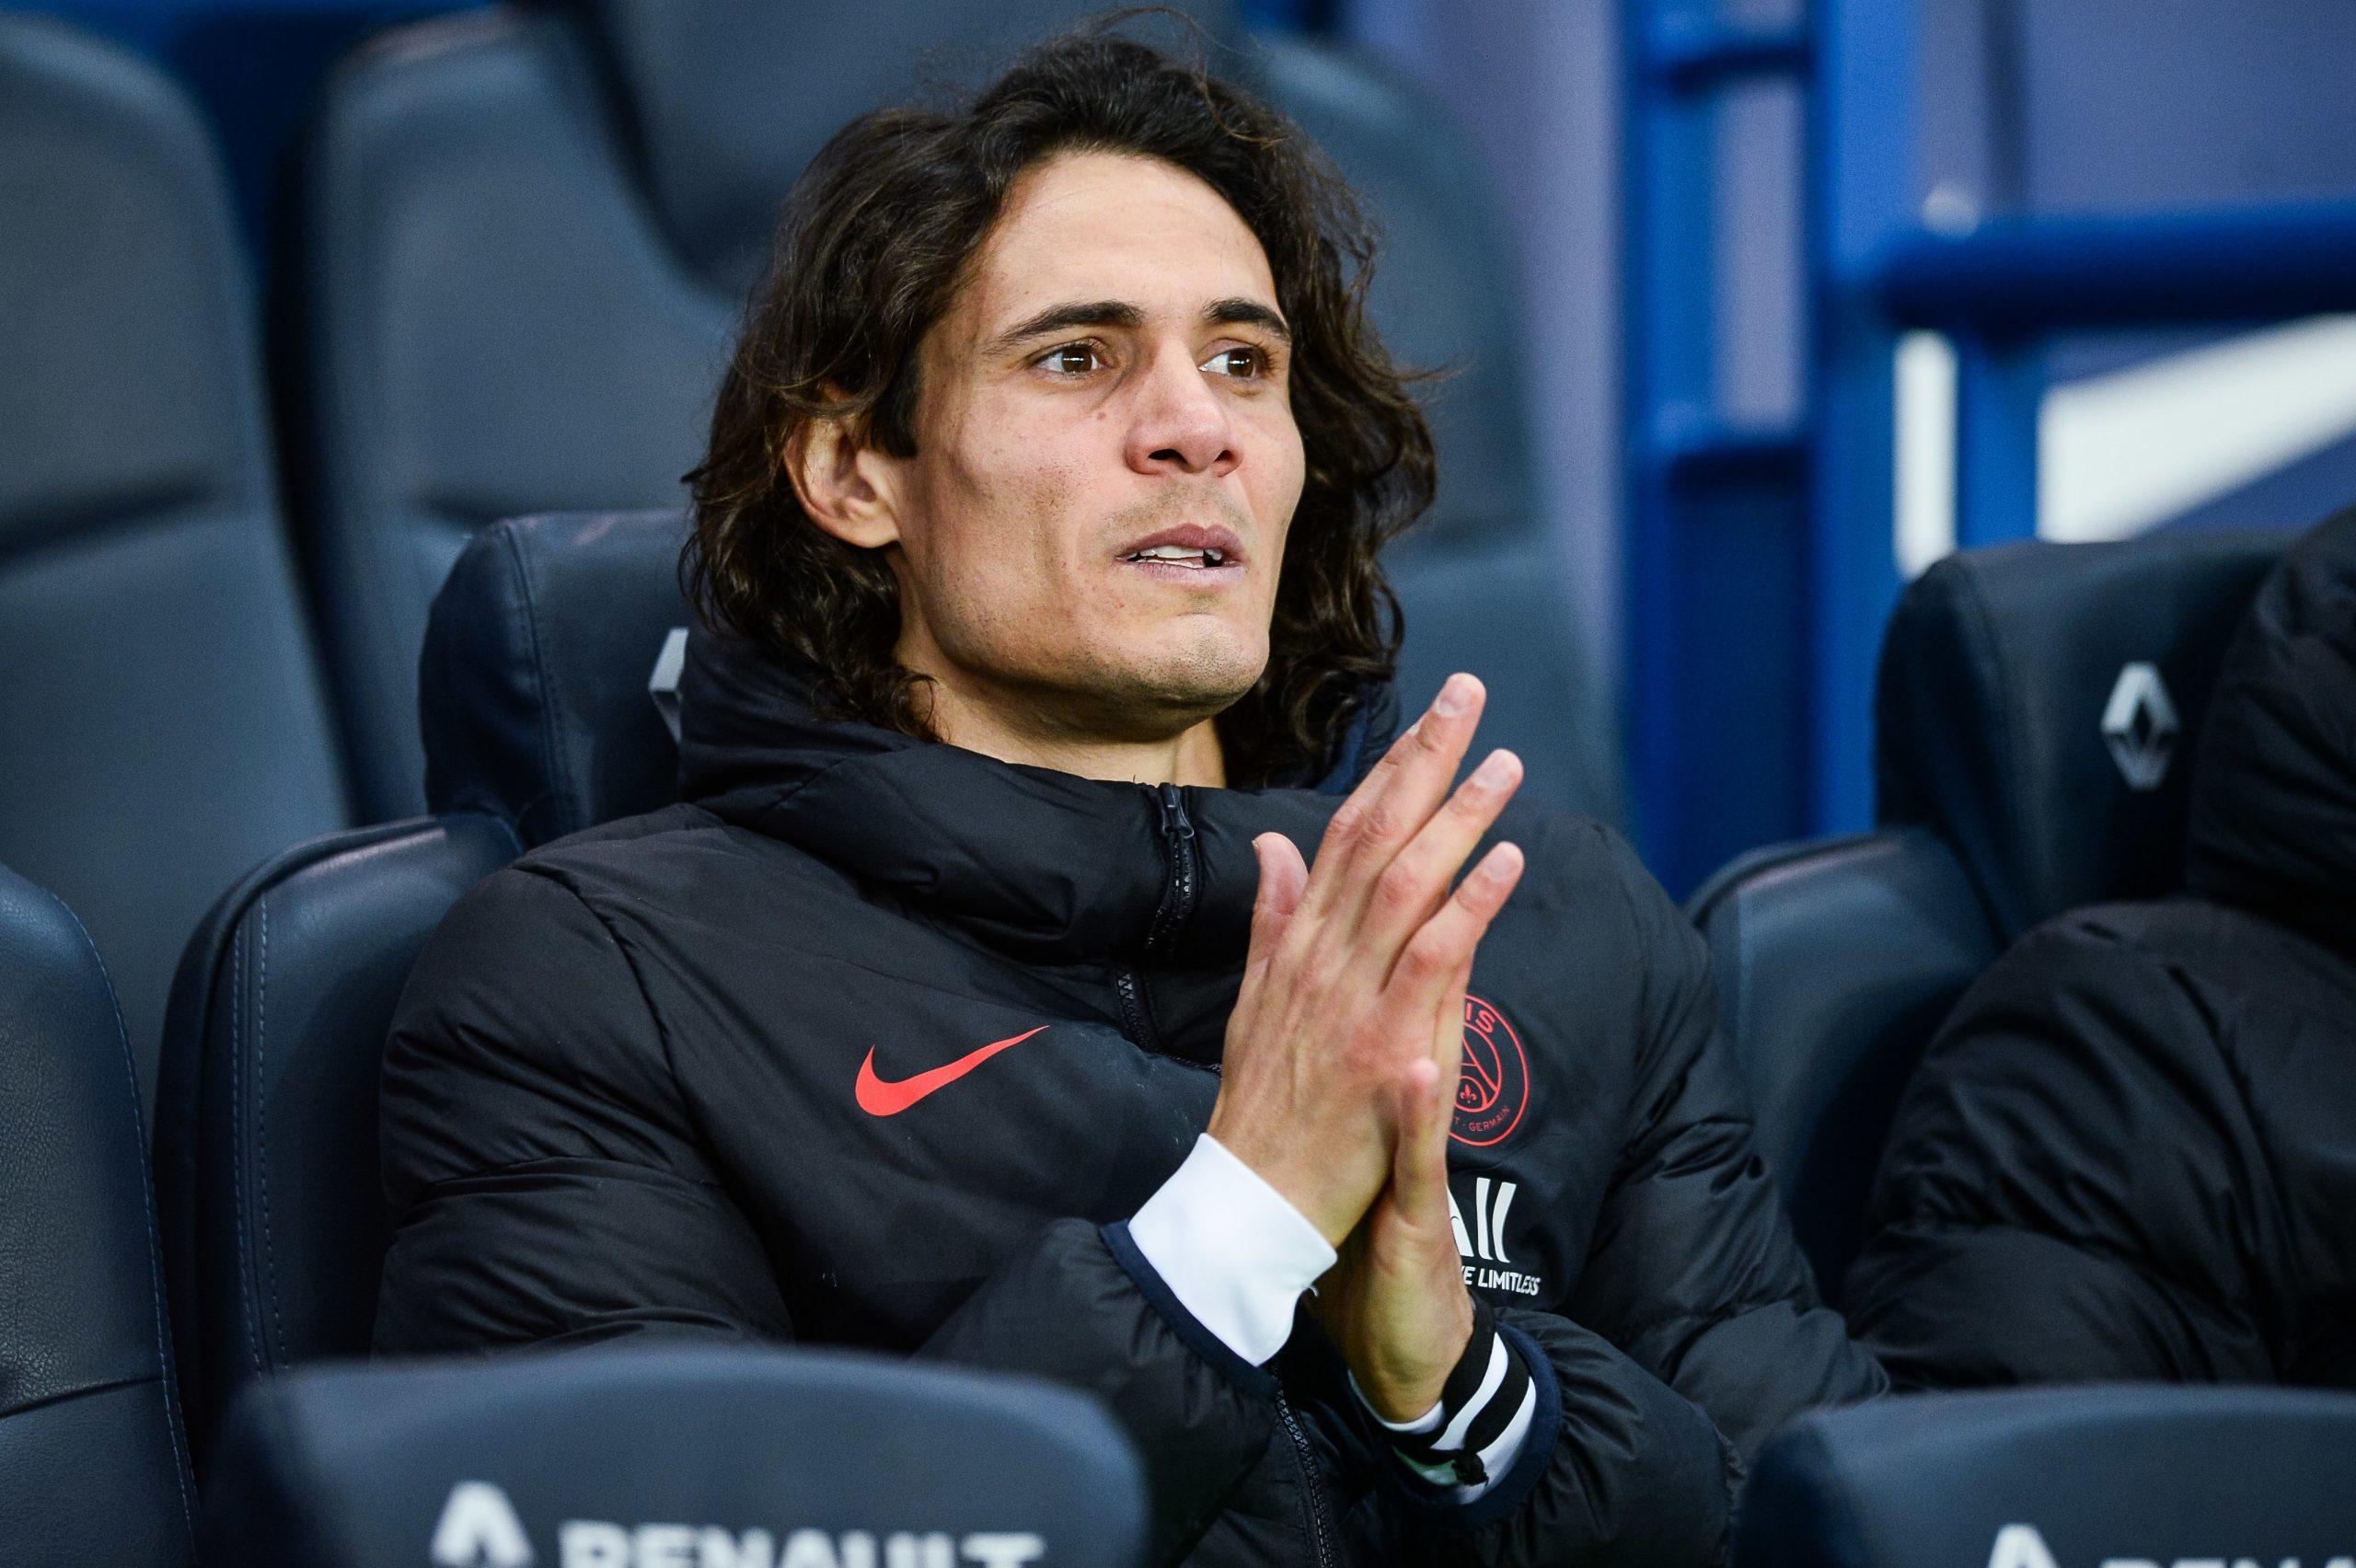 Mercato - Cavani, accord entre le PSG et l'Atlético pour un transfert «imminent» selon El Chiringuito